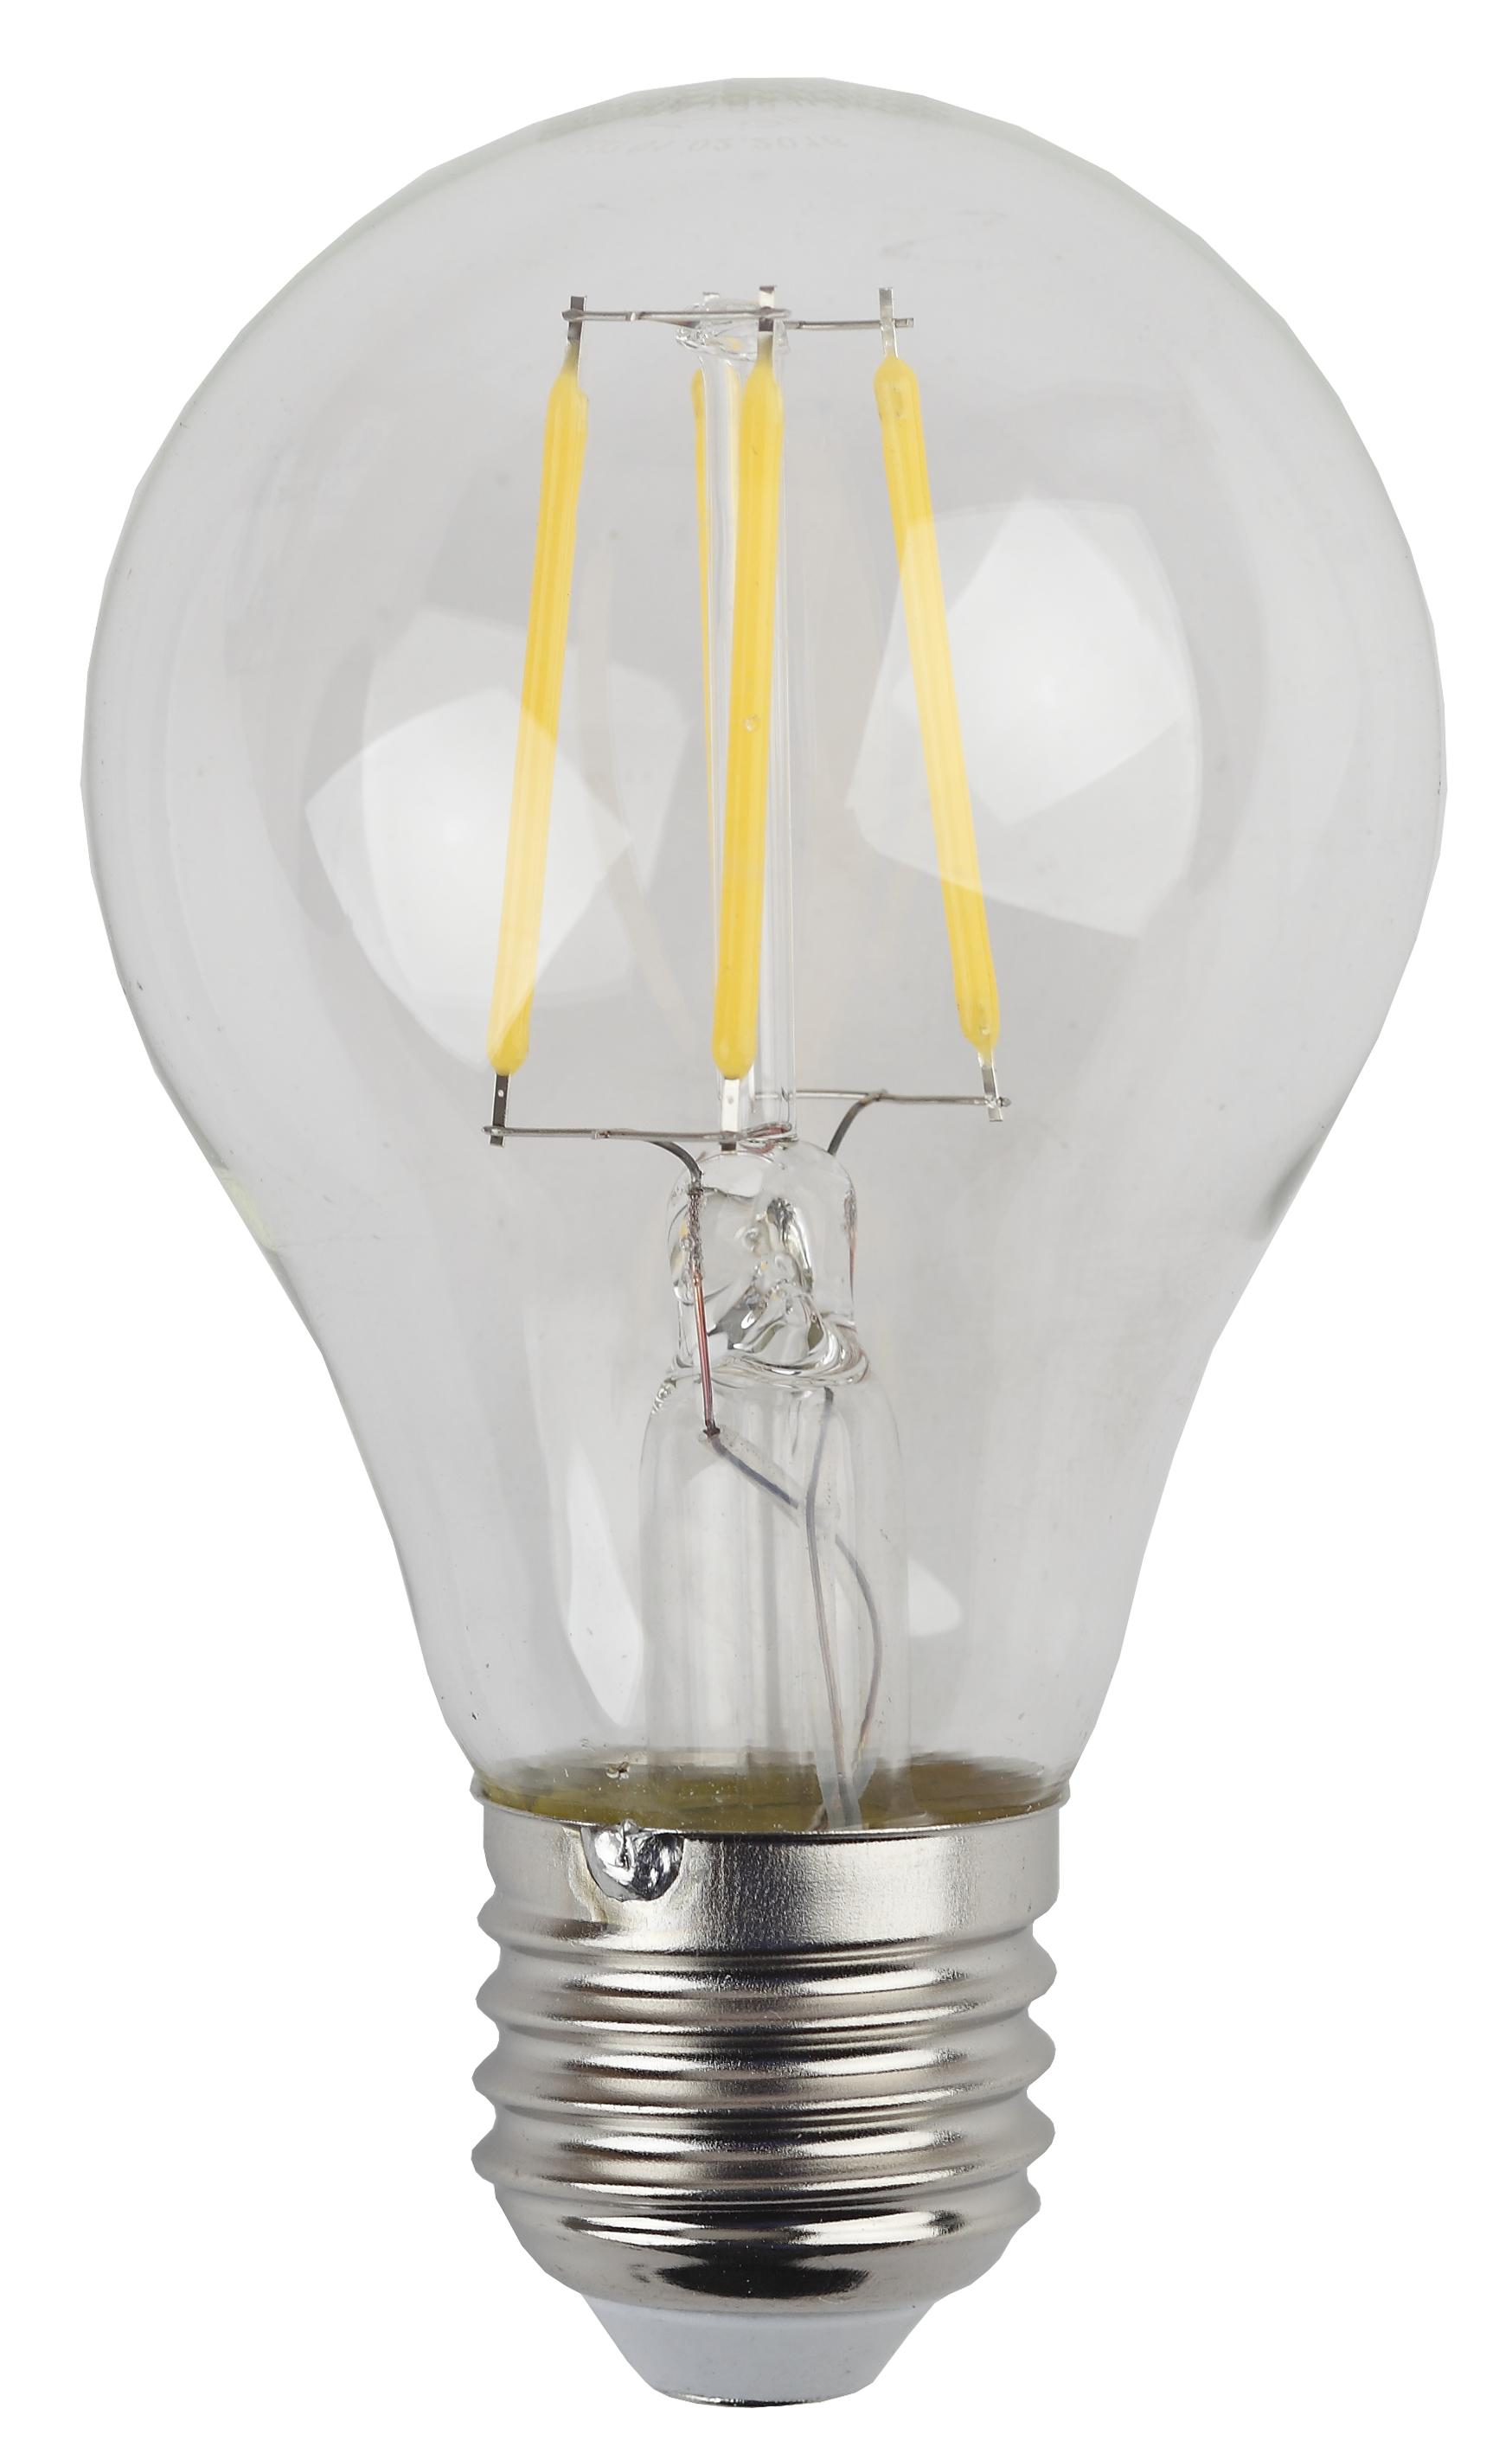 Лампа светодиодная ЭРА F-led А60-5w-840-e27